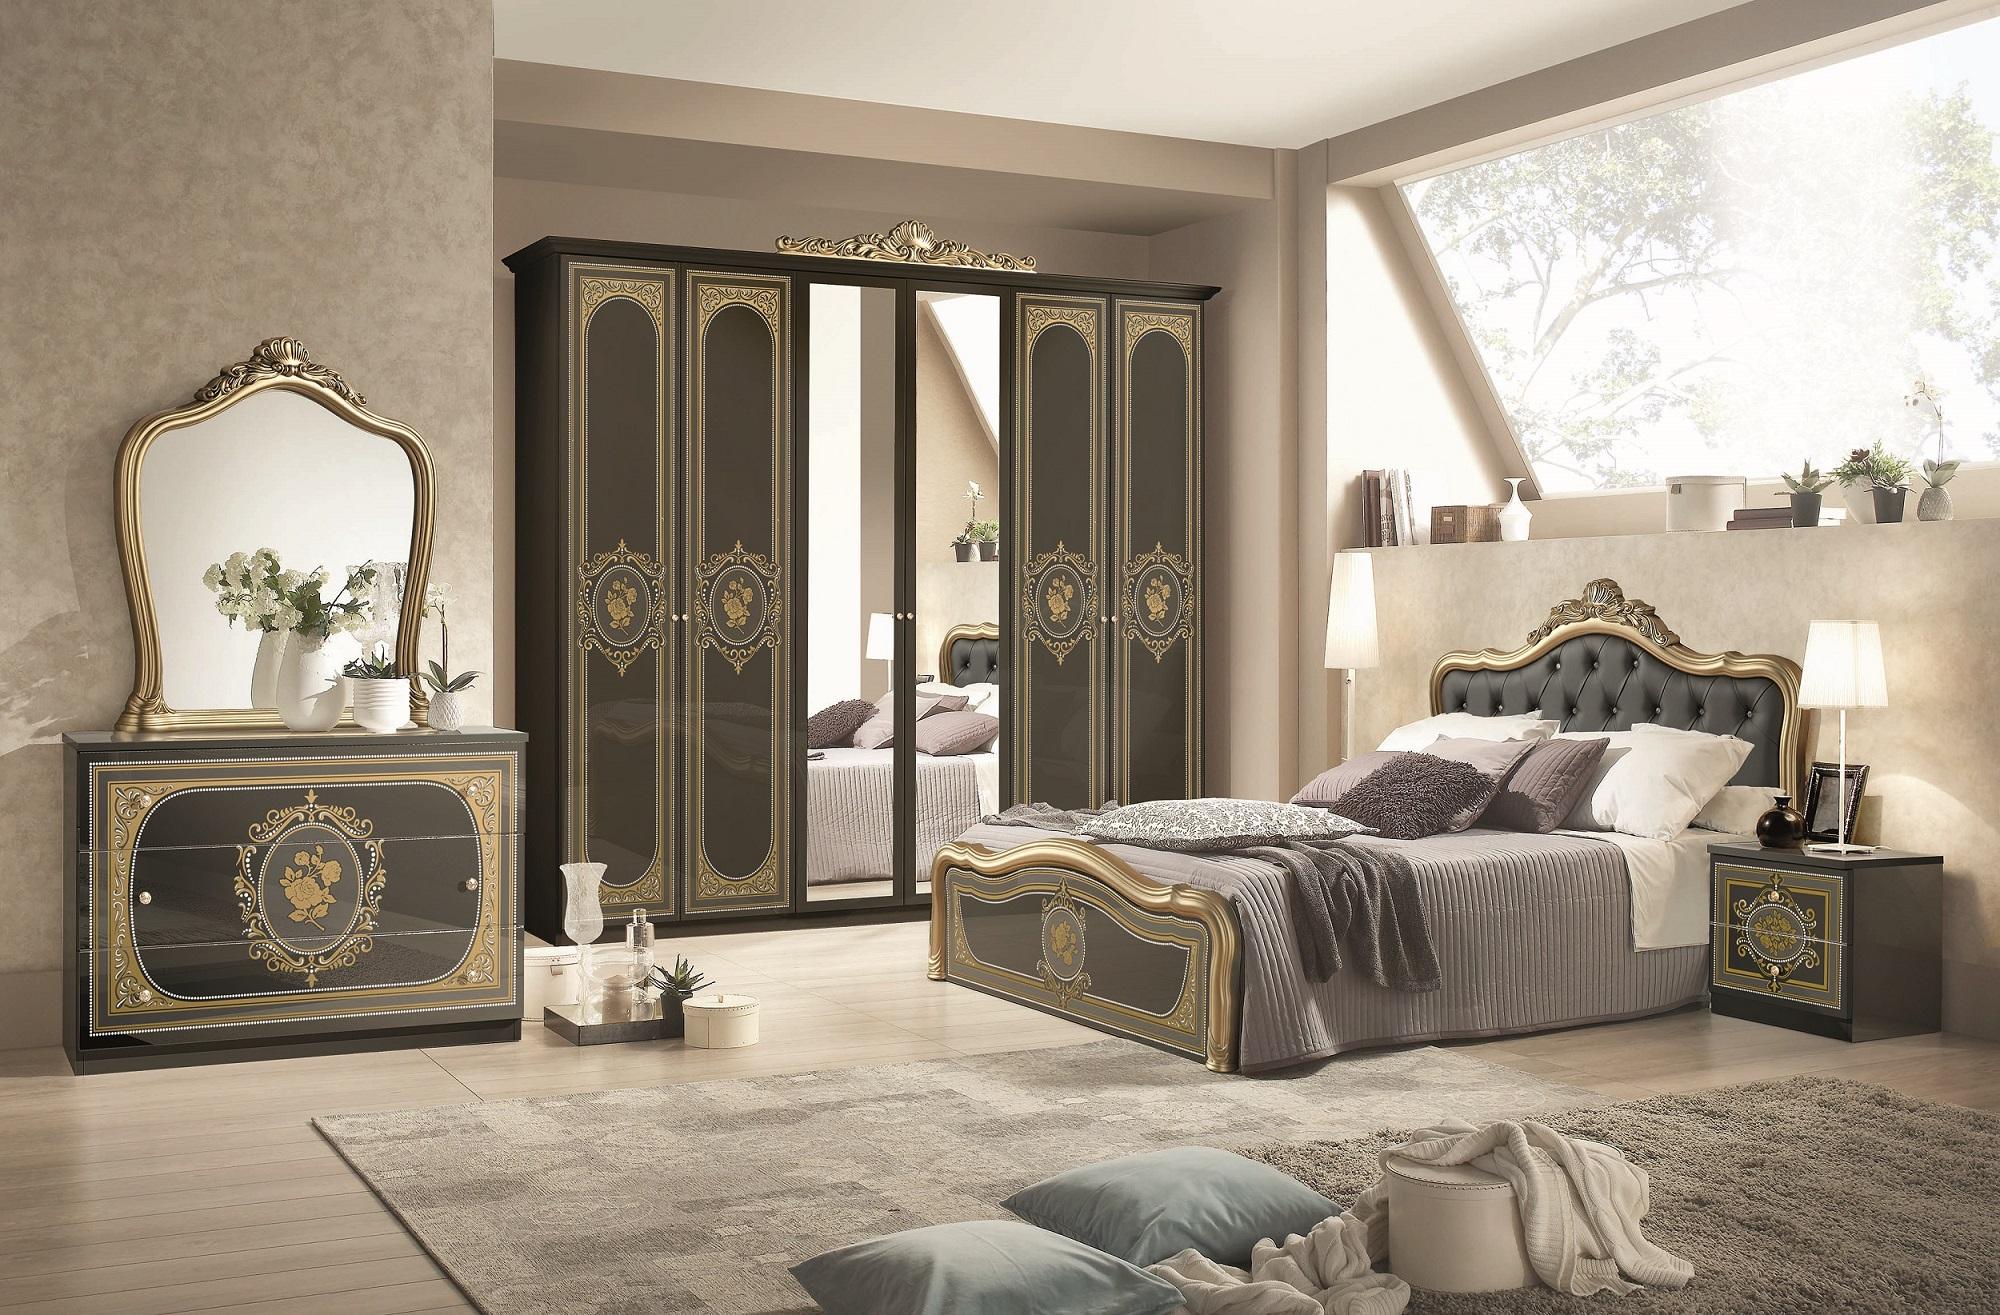 ... Schlafzimmermöbel Kleiderschrank Alice 6türig In Schwarz Silber  Schlafzimmermöbel ...